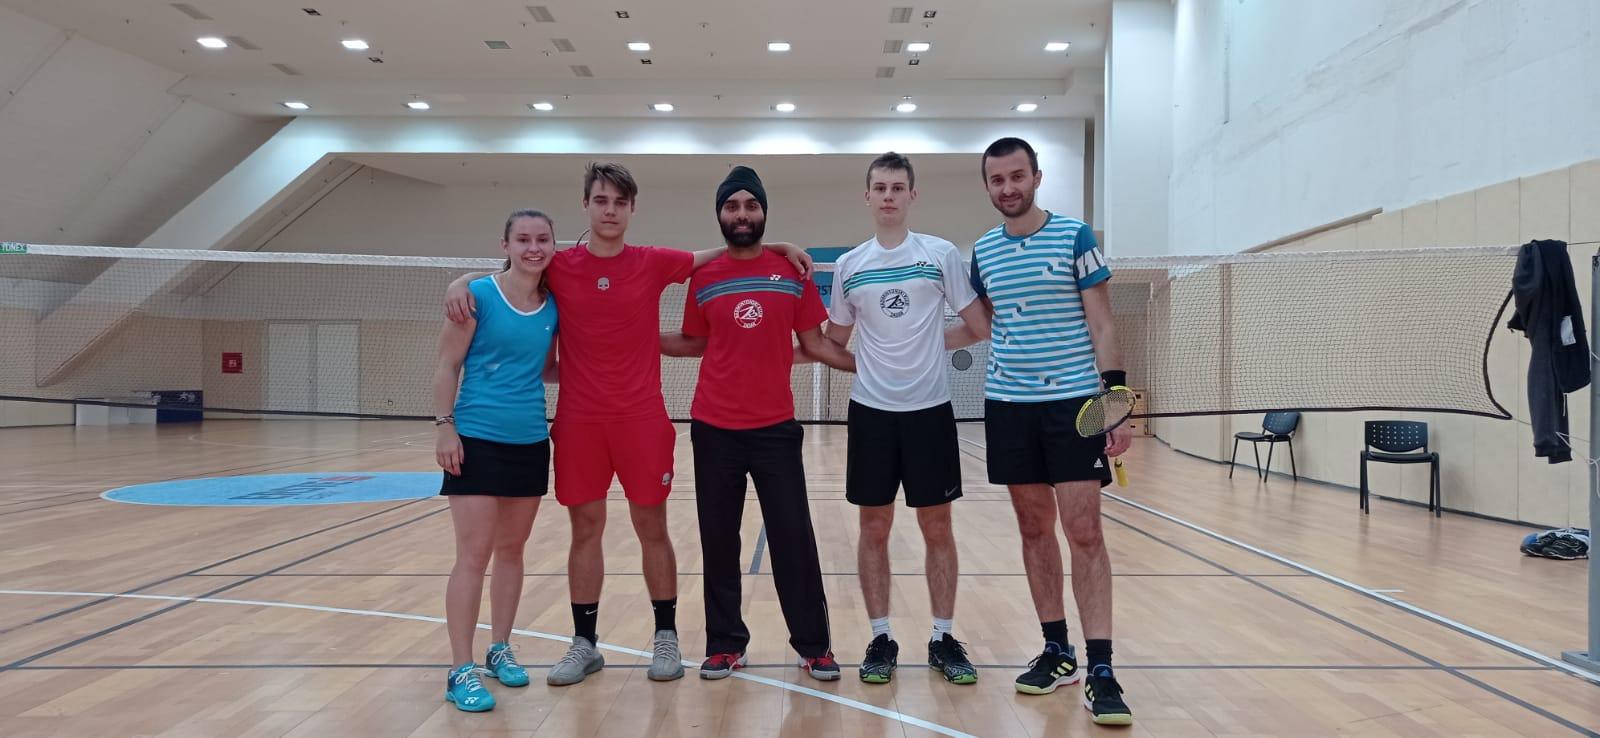 badminton paris zadar